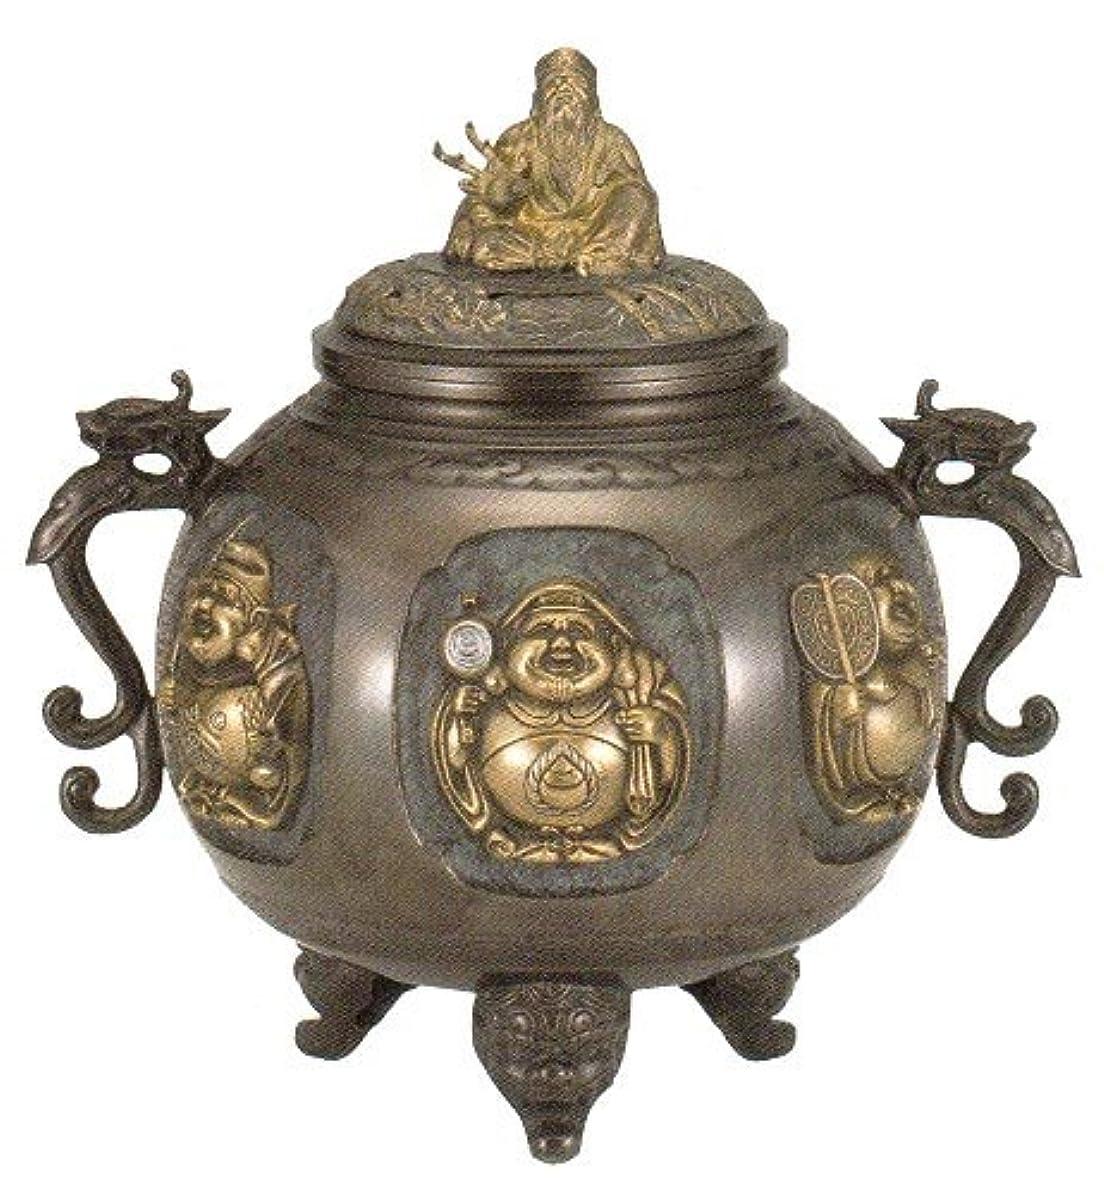 葉を集めるフレア影香炉 特大 七福神(さしメッキ)高岡銅器 青銅製 高さ31×幅30×奥行24.5cm